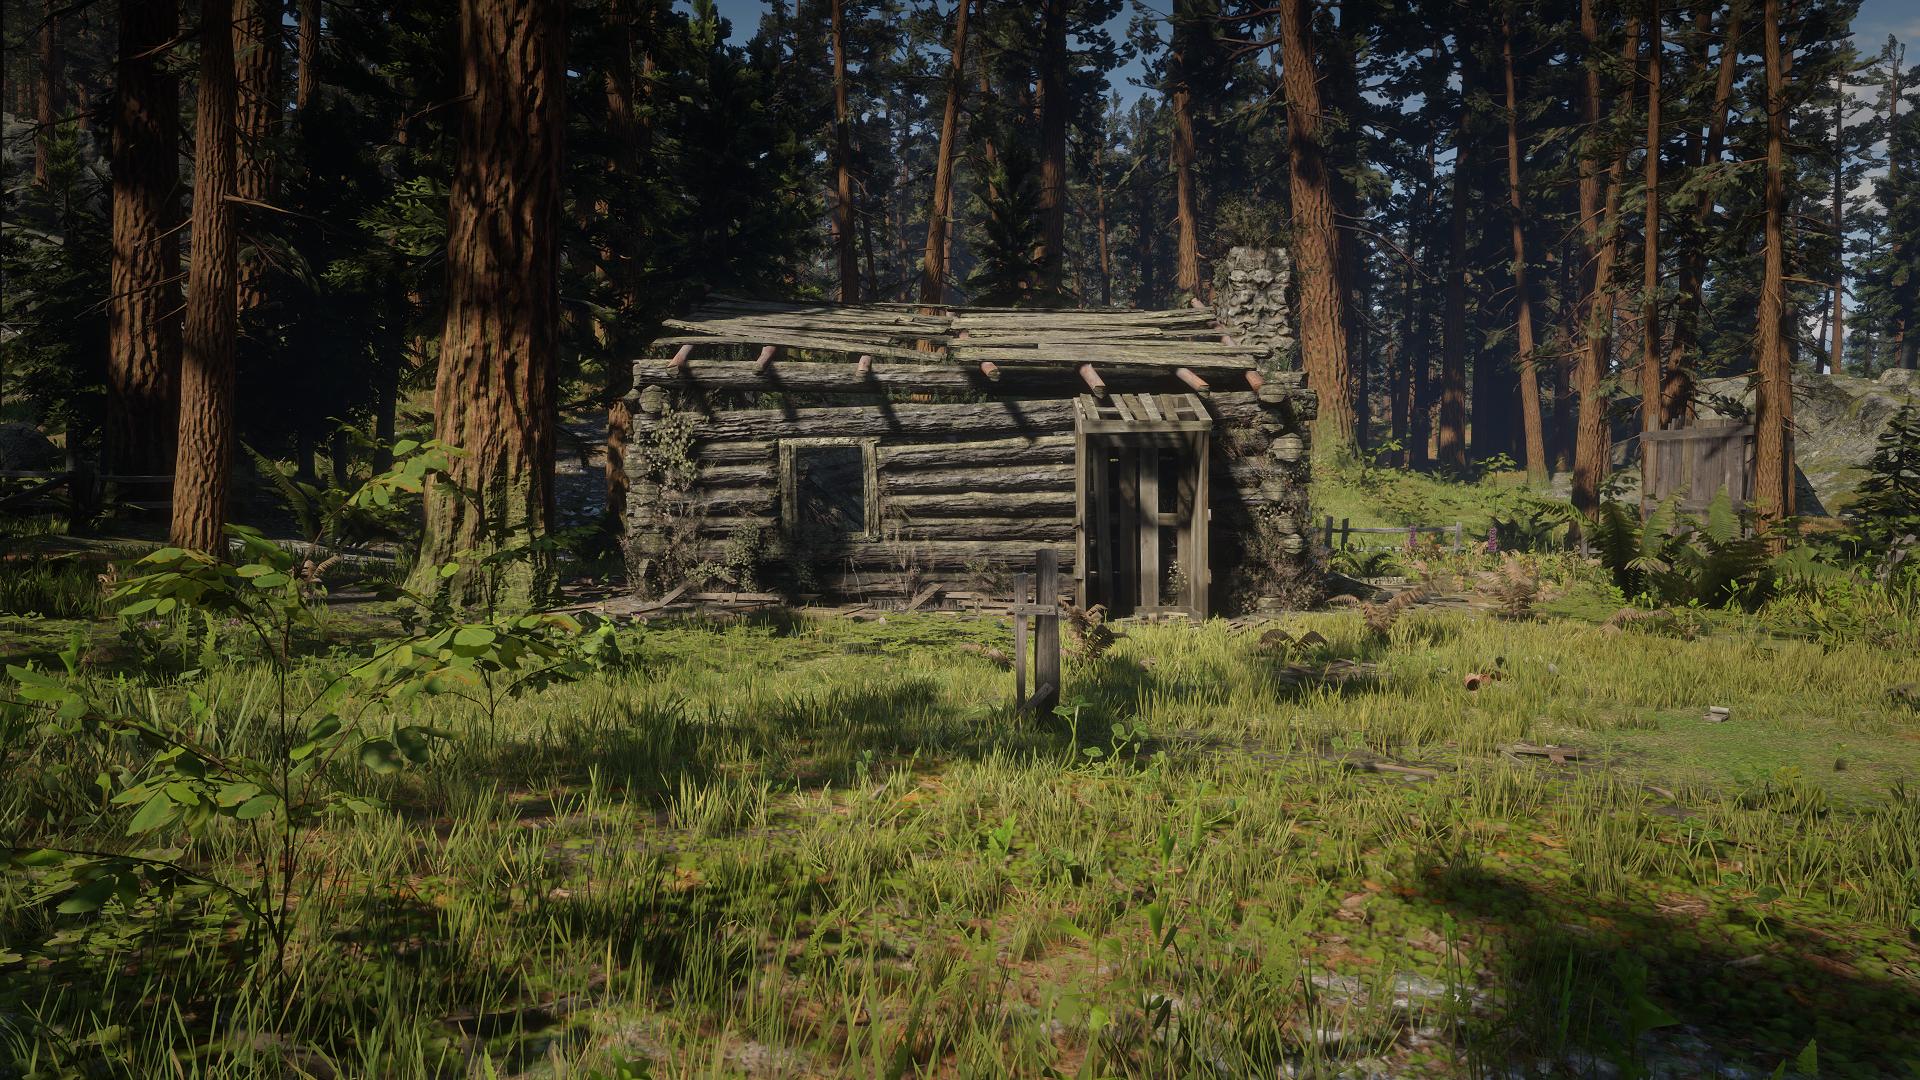 Bearclaw Camp